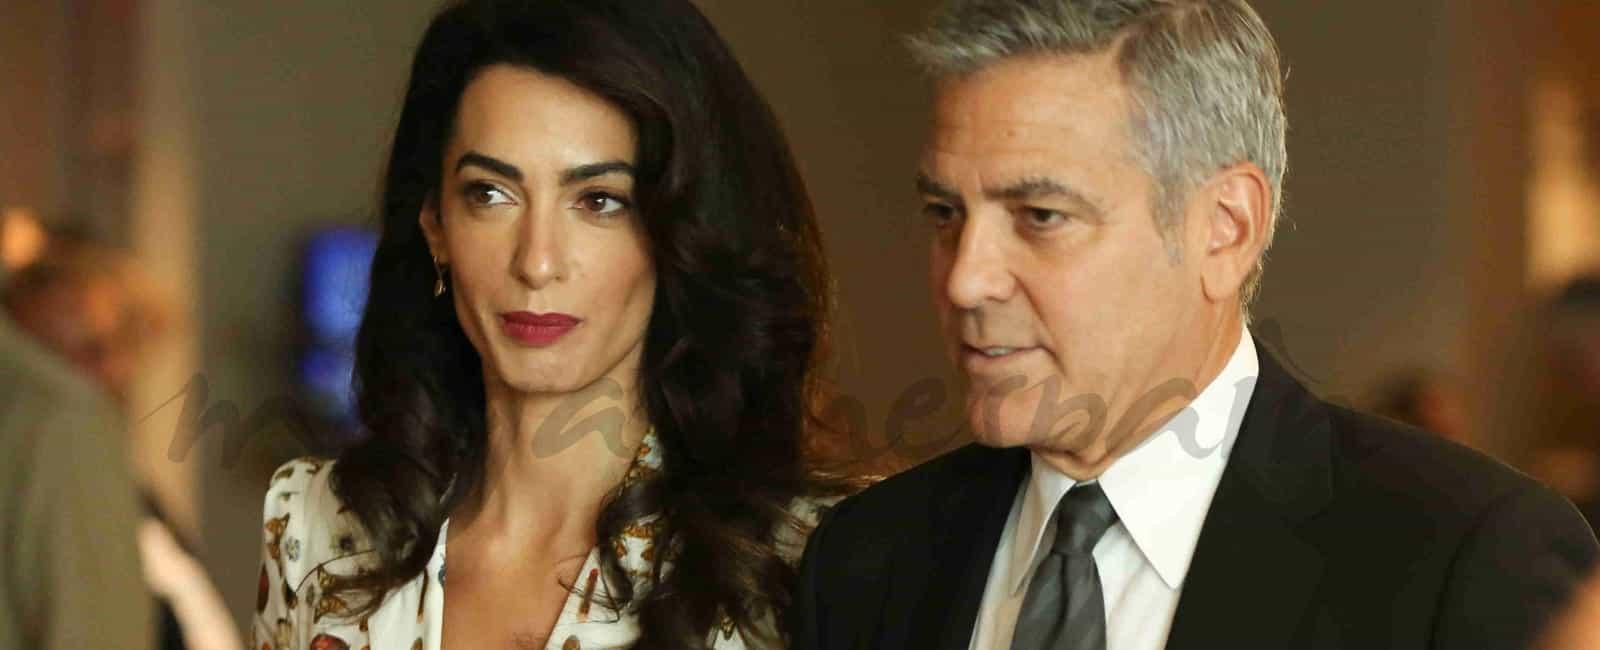 ¿Qué ha dicho George Clooney del divorcio de su amigo Brad Pitt?